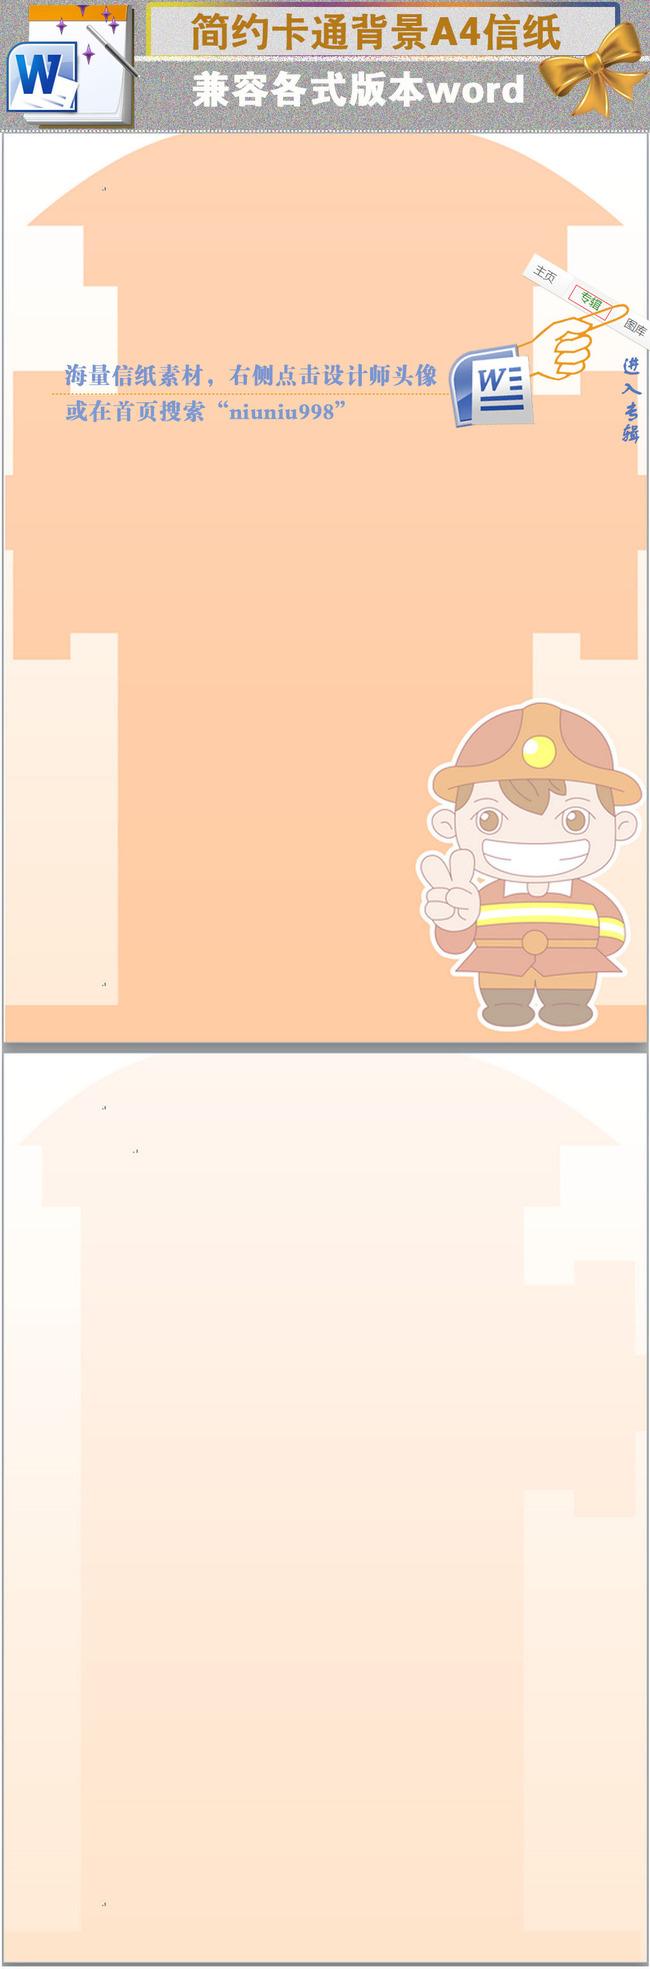 简约可爱卡通背景a4信纸word模板下载图片